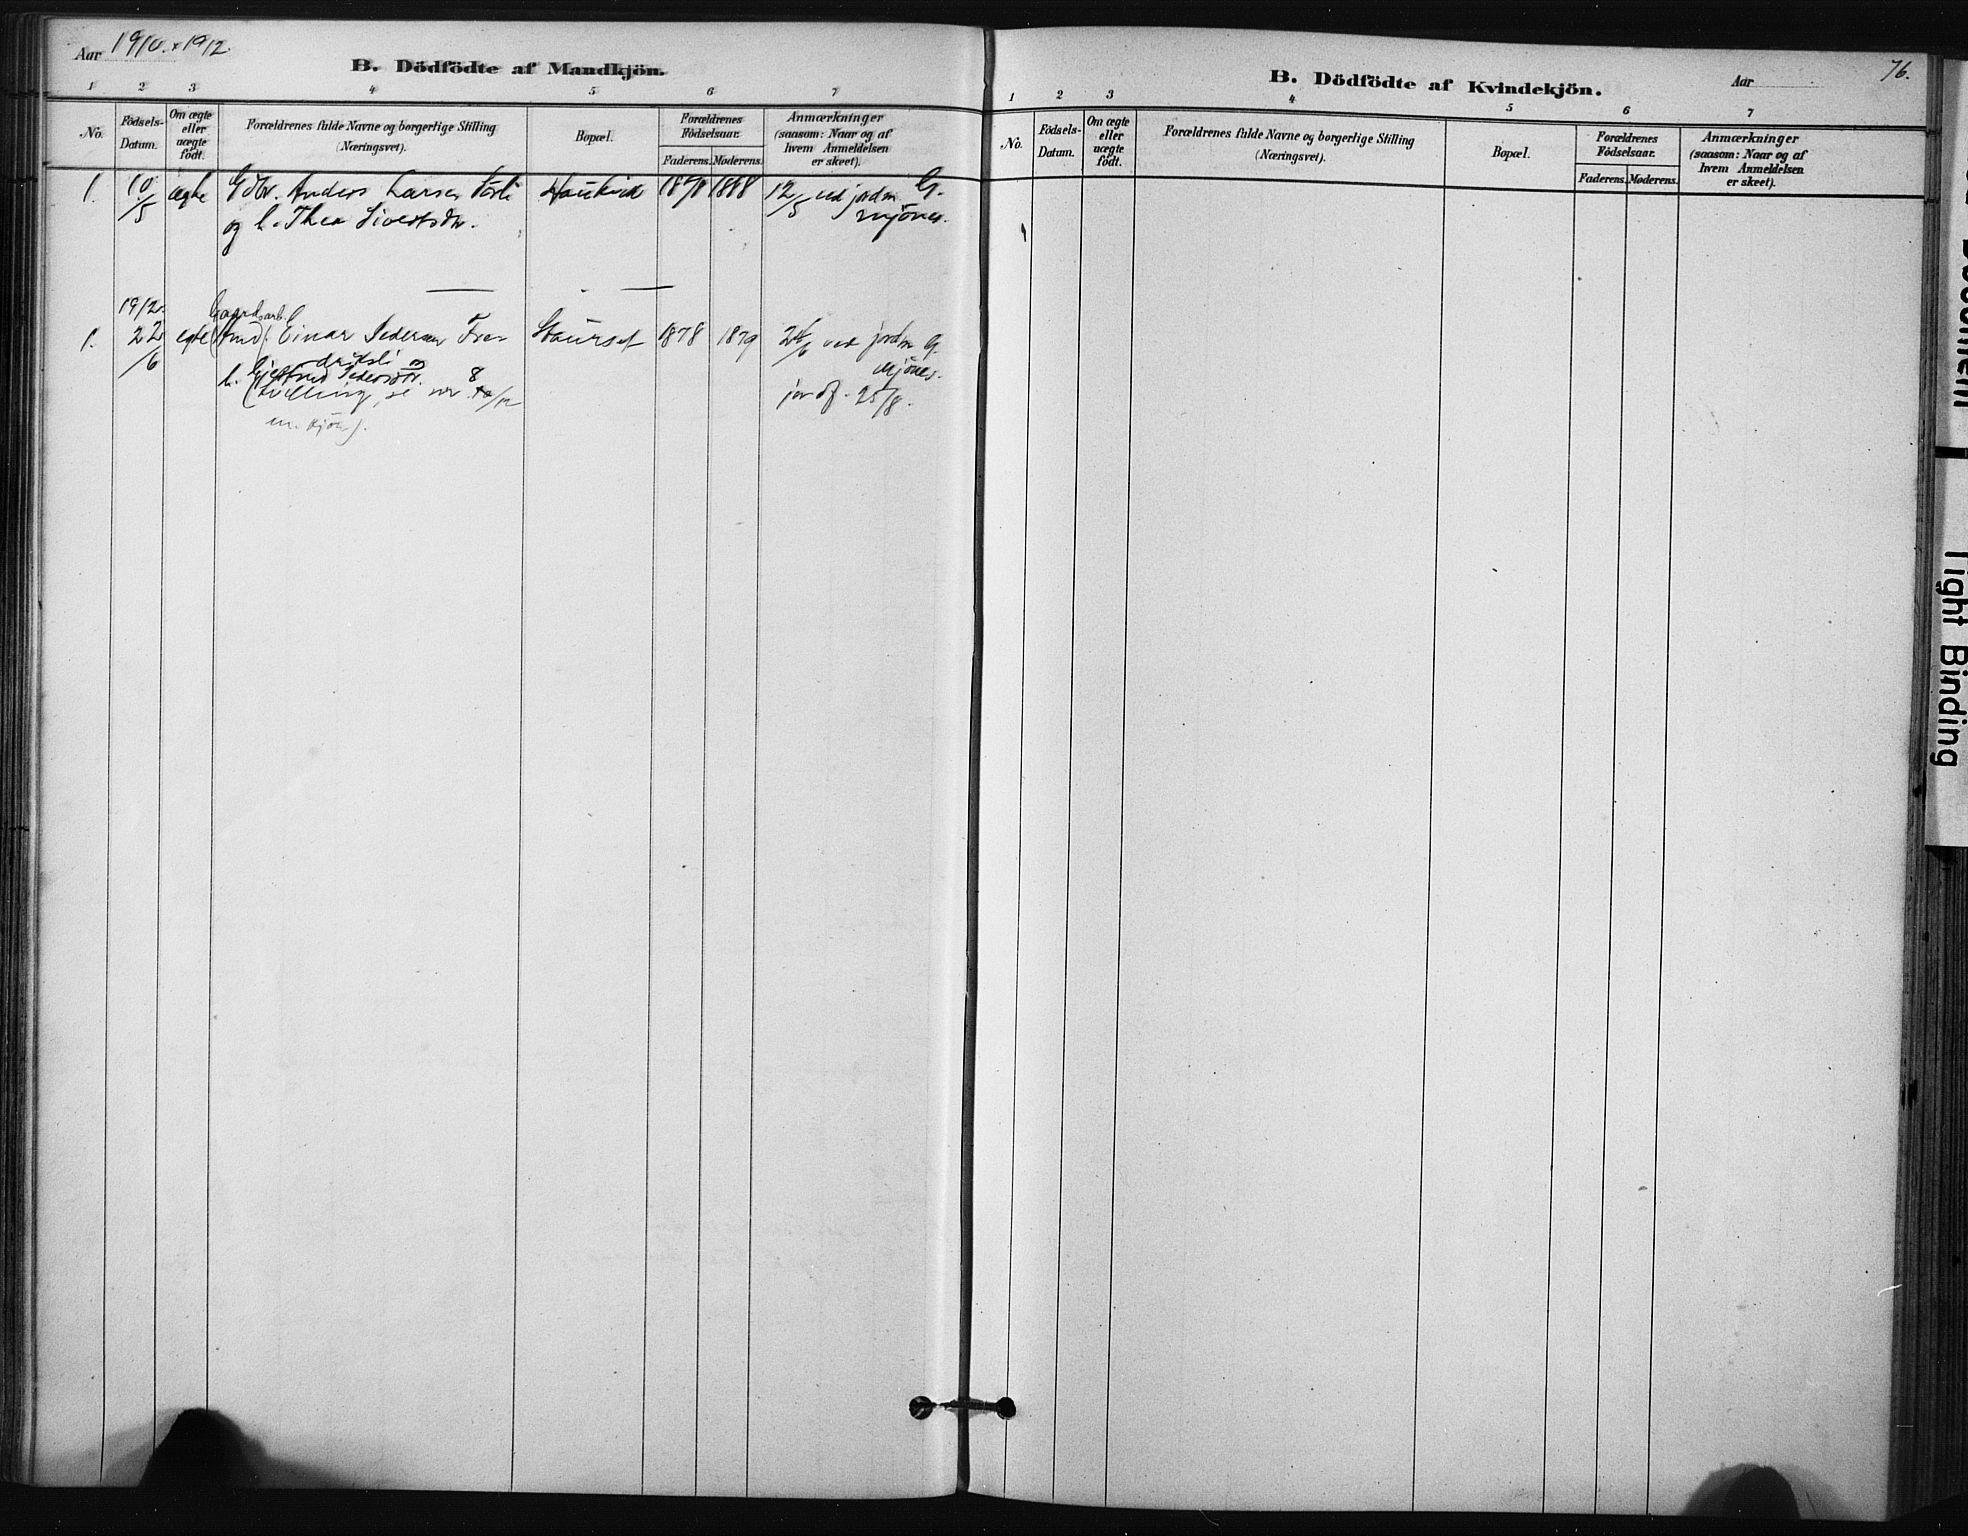 SAT, Ministerialprotokoller, klokkerbøker og fødselsregistre - Sør-Trøndelag, 631/L0512: Ministerialbok nr. 631A01, 1879-1912, s. 76